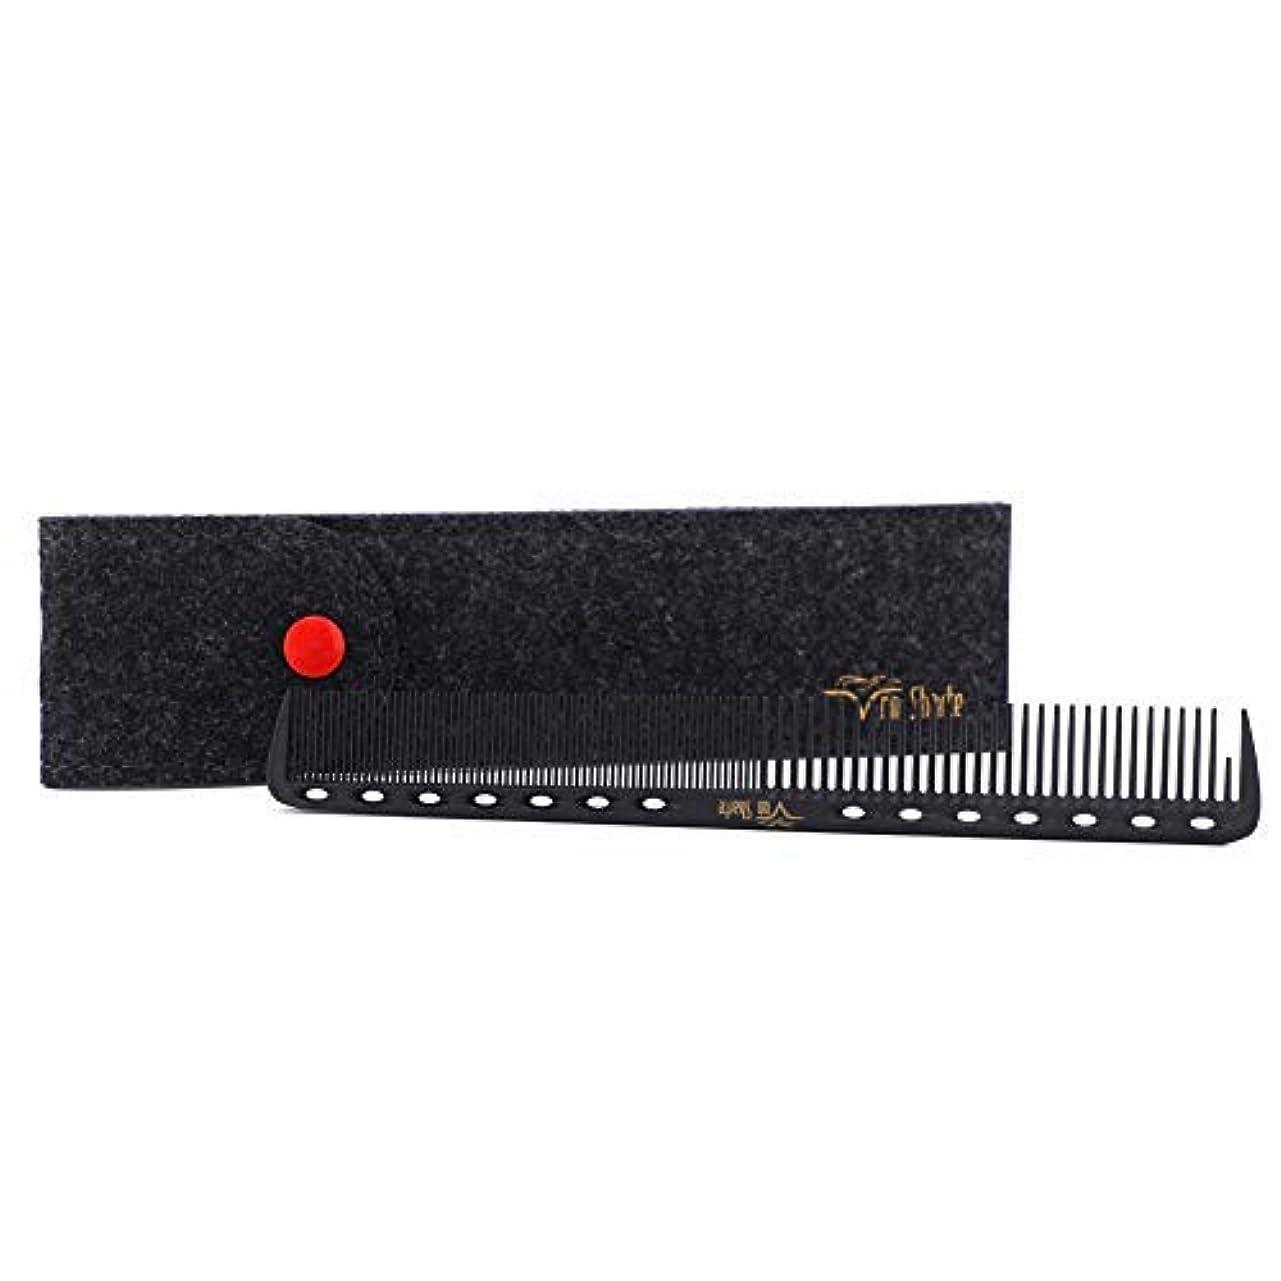 メアリアンジョーンズ祈り見る人Barber Comb,Hair Cutting Combs Carbon Fiber Salon Hairdressing Comb 100% Anti Static 230℃ Heat Resistant with...